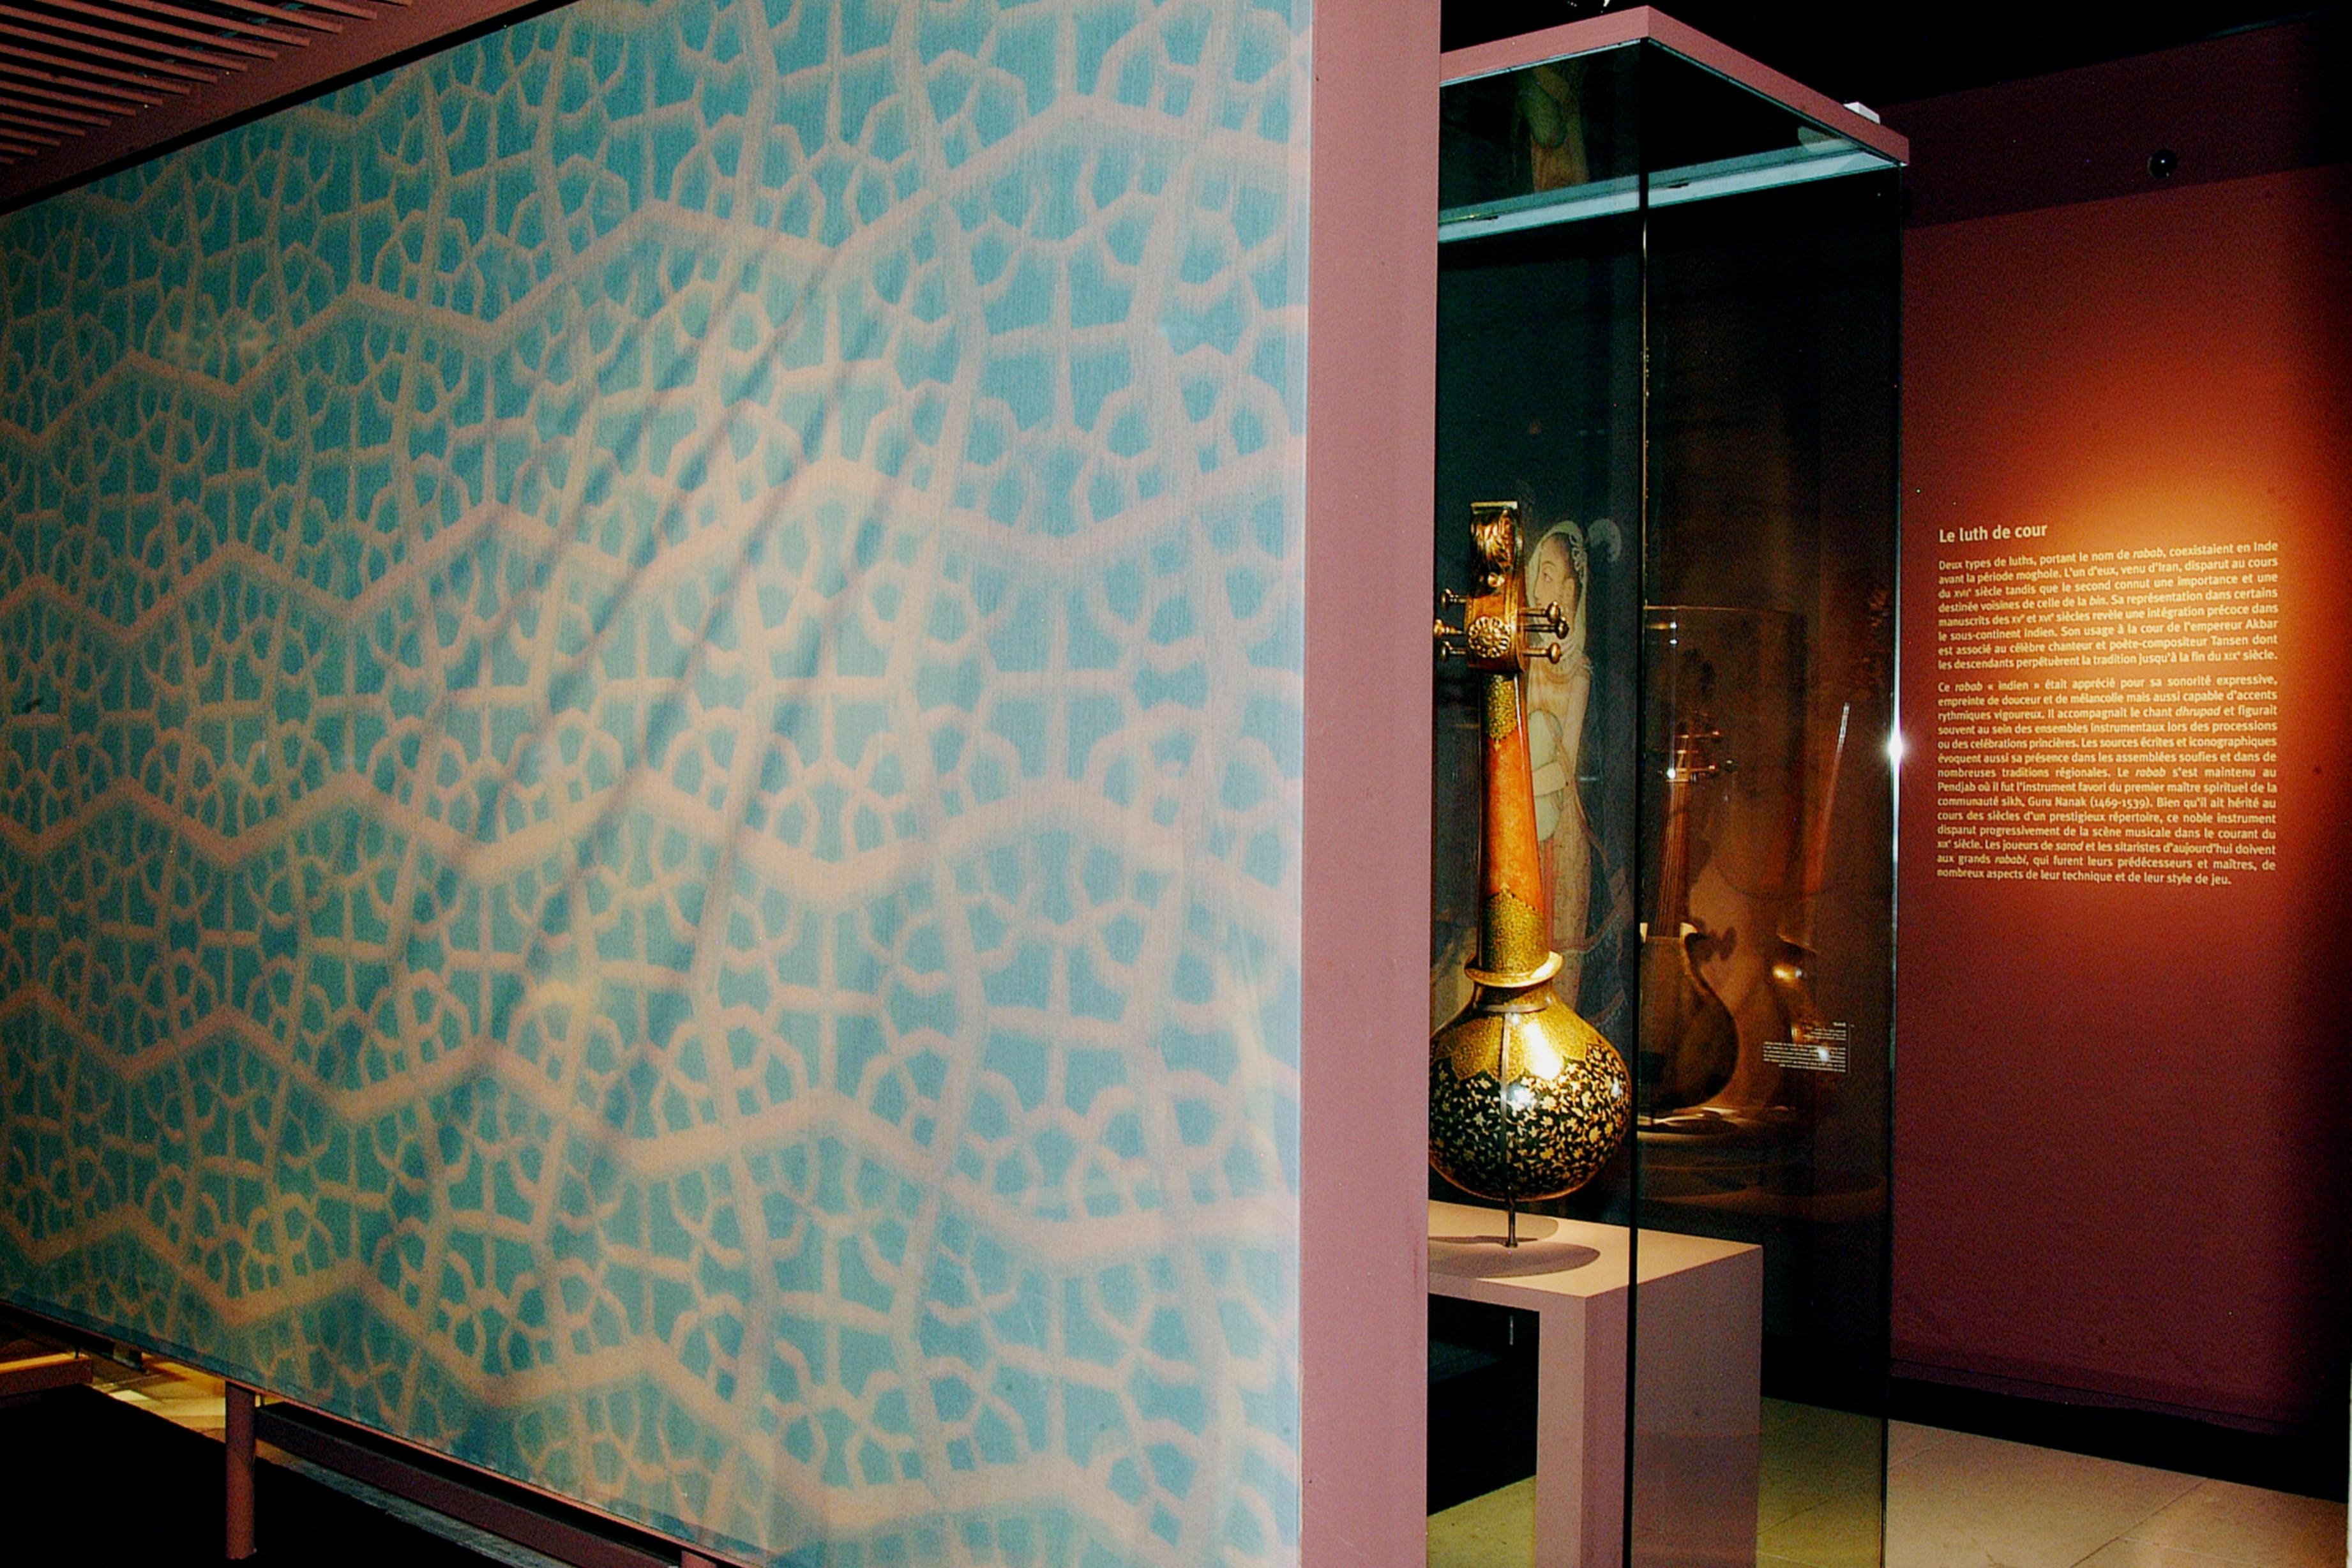 Vue de l'exposition inde du Nord, gloire des princes, louanges des dieux © Philharmonie de Paris - Cité de la musique